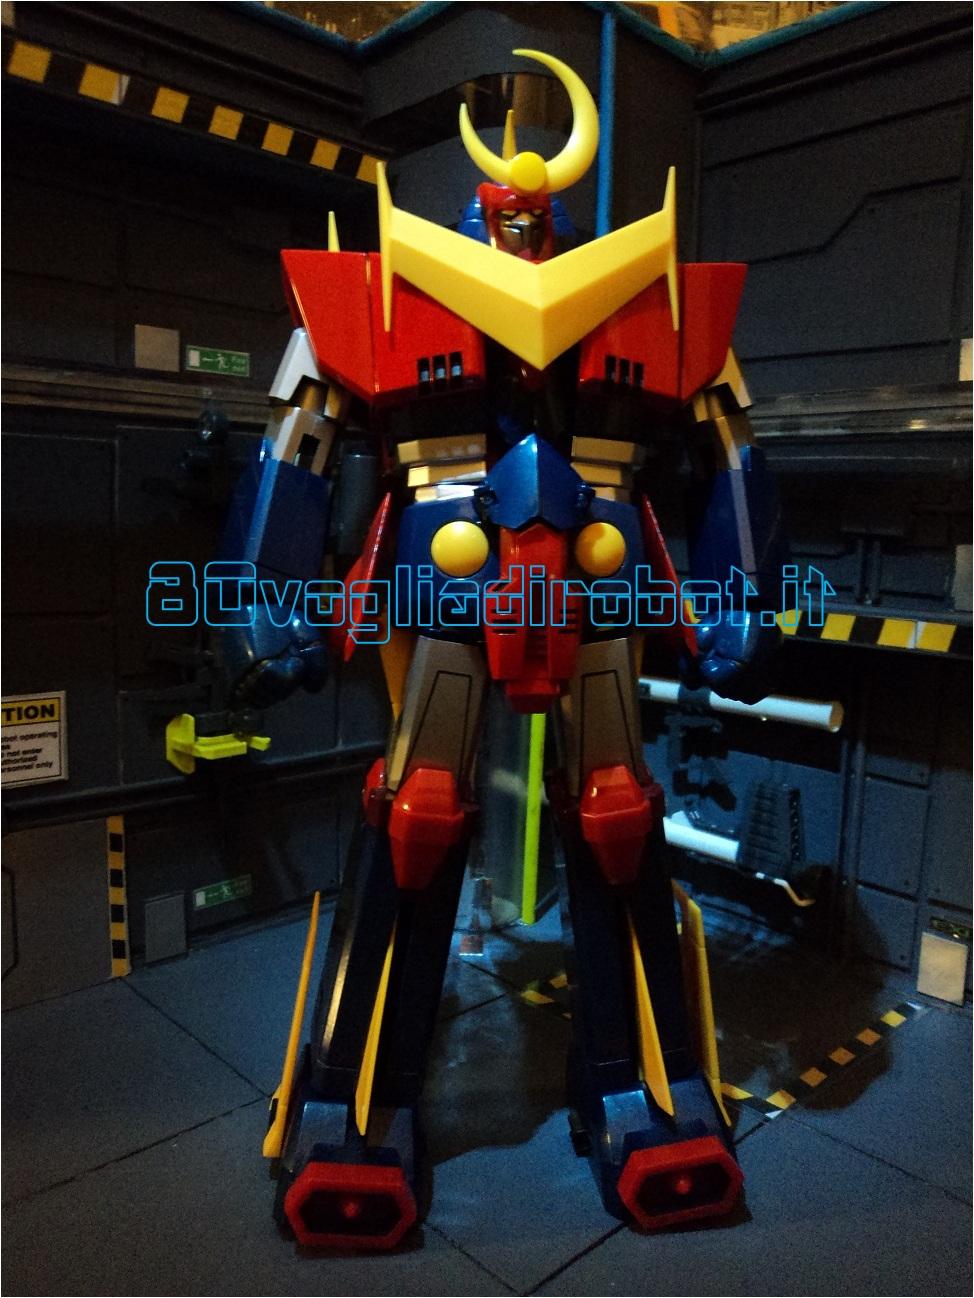 Zambot modellino gx bandai modellini robot